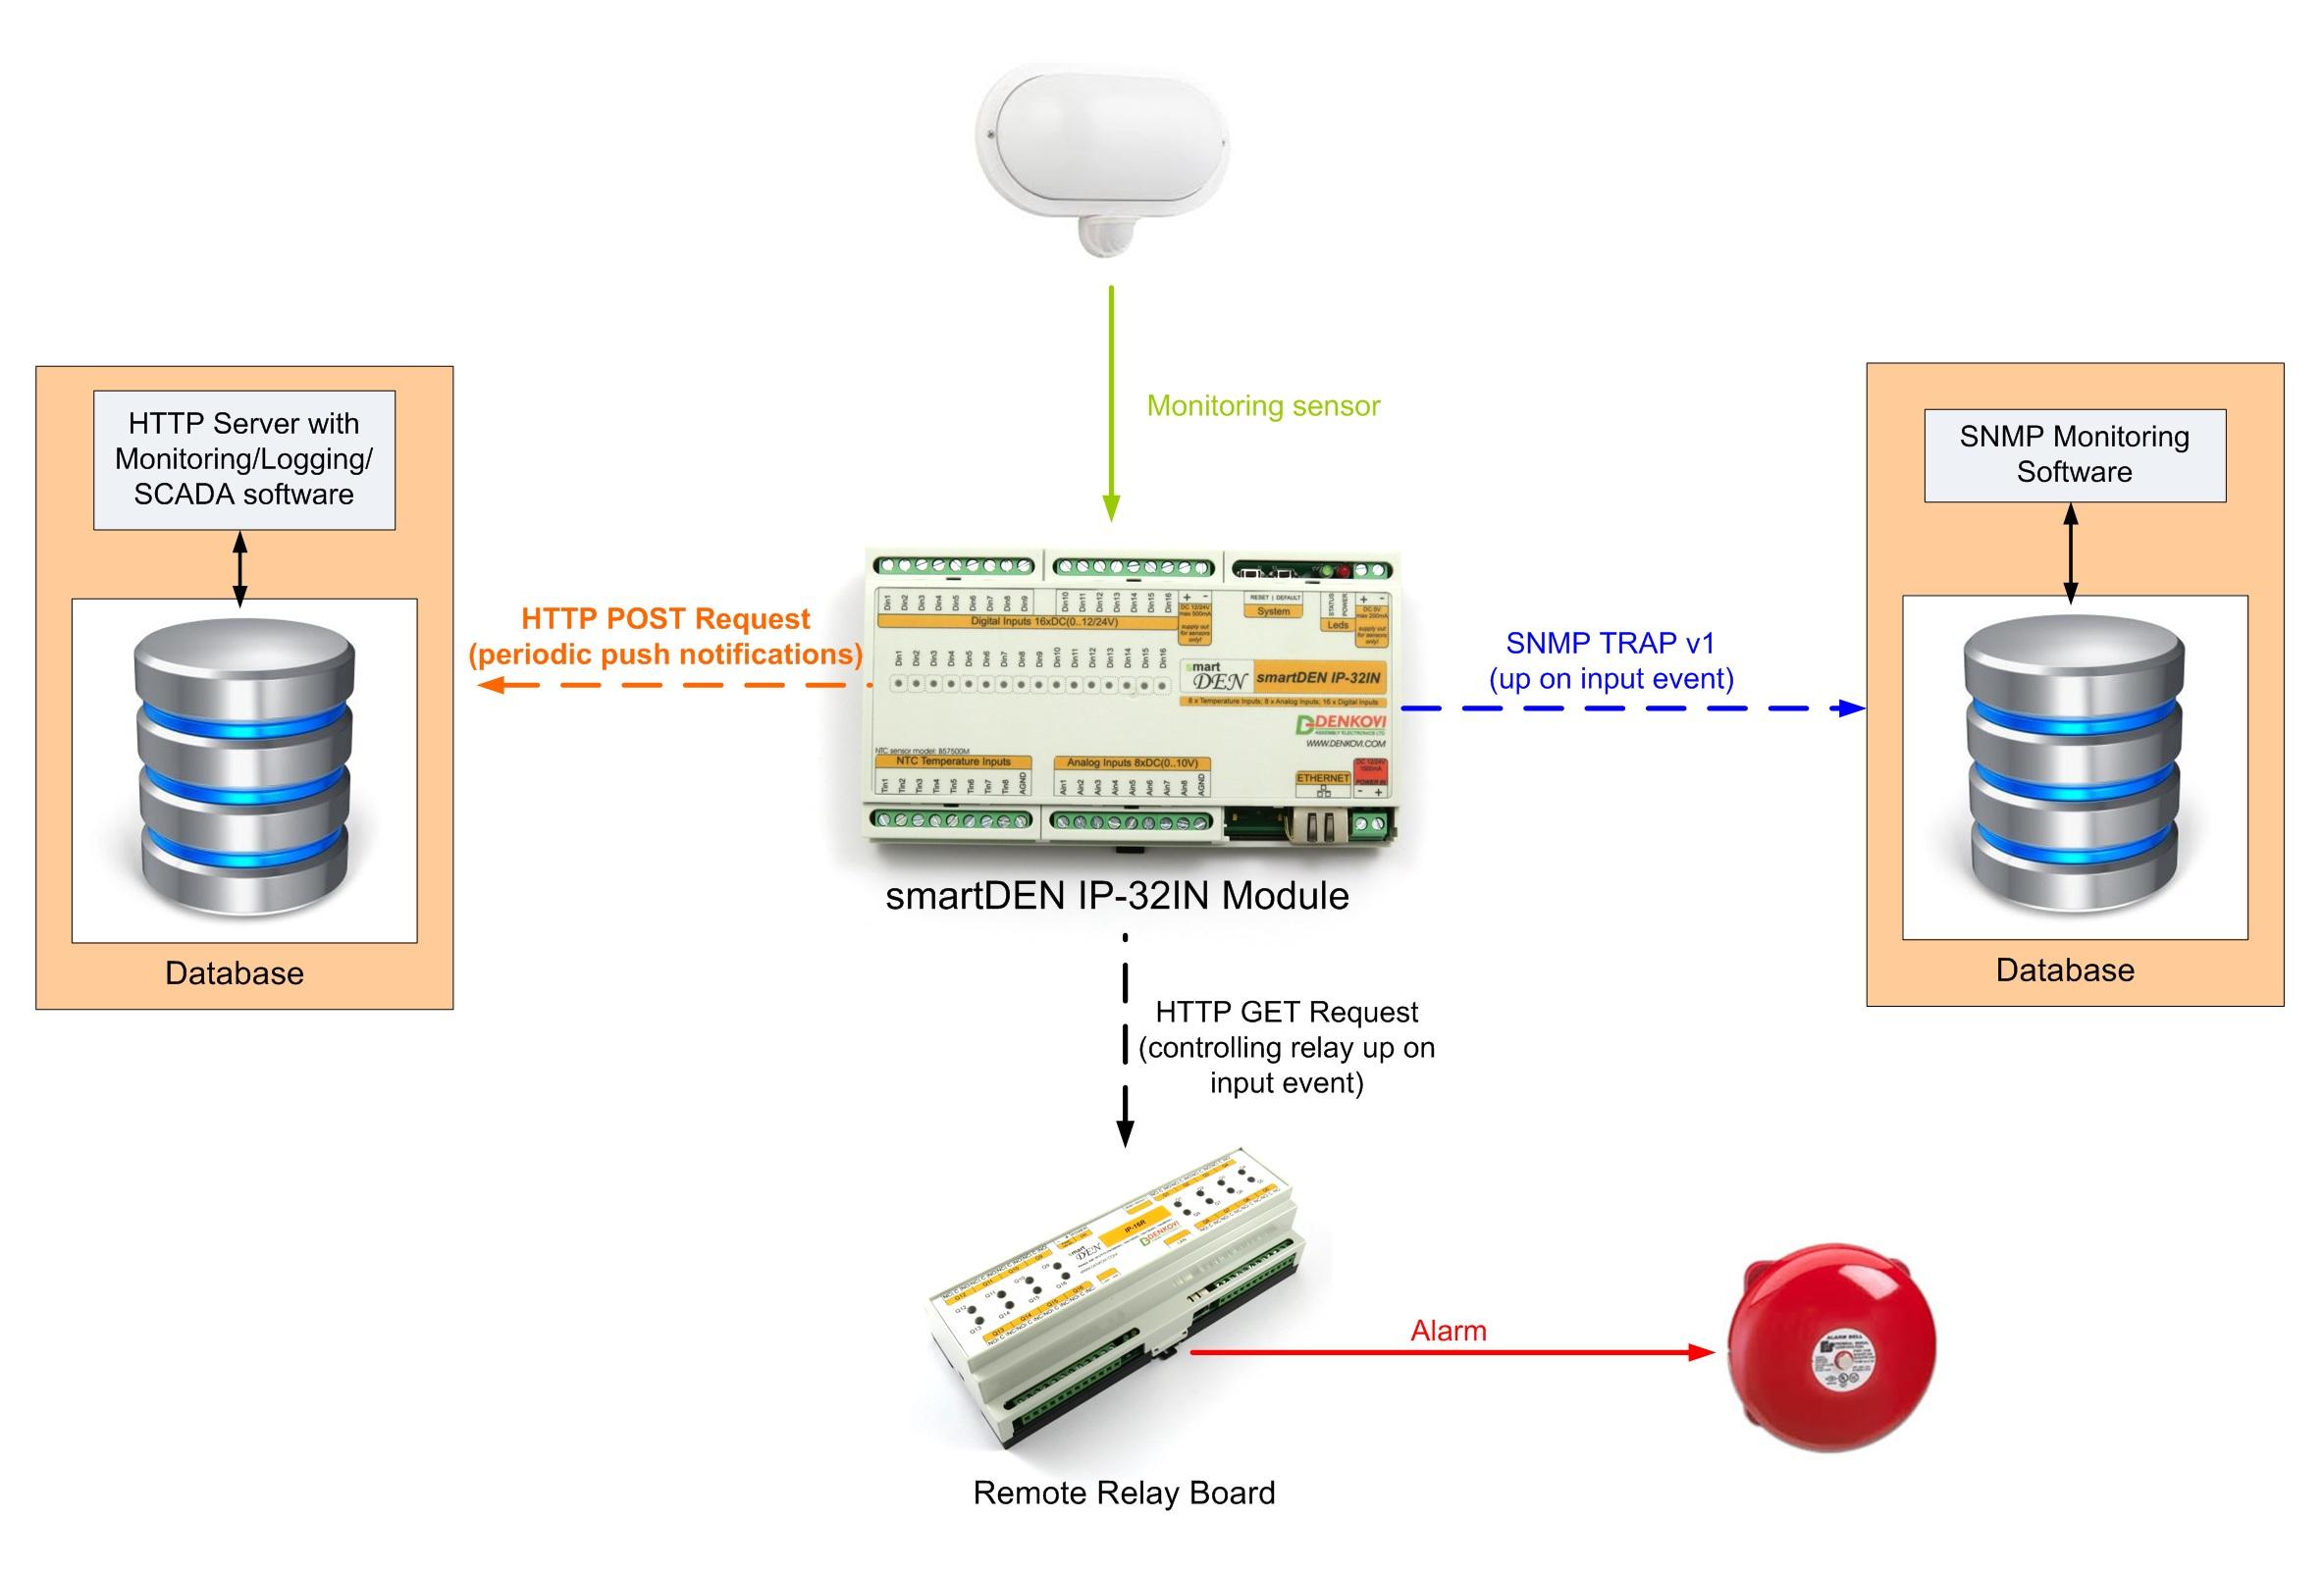 smartDEN IP-32IN